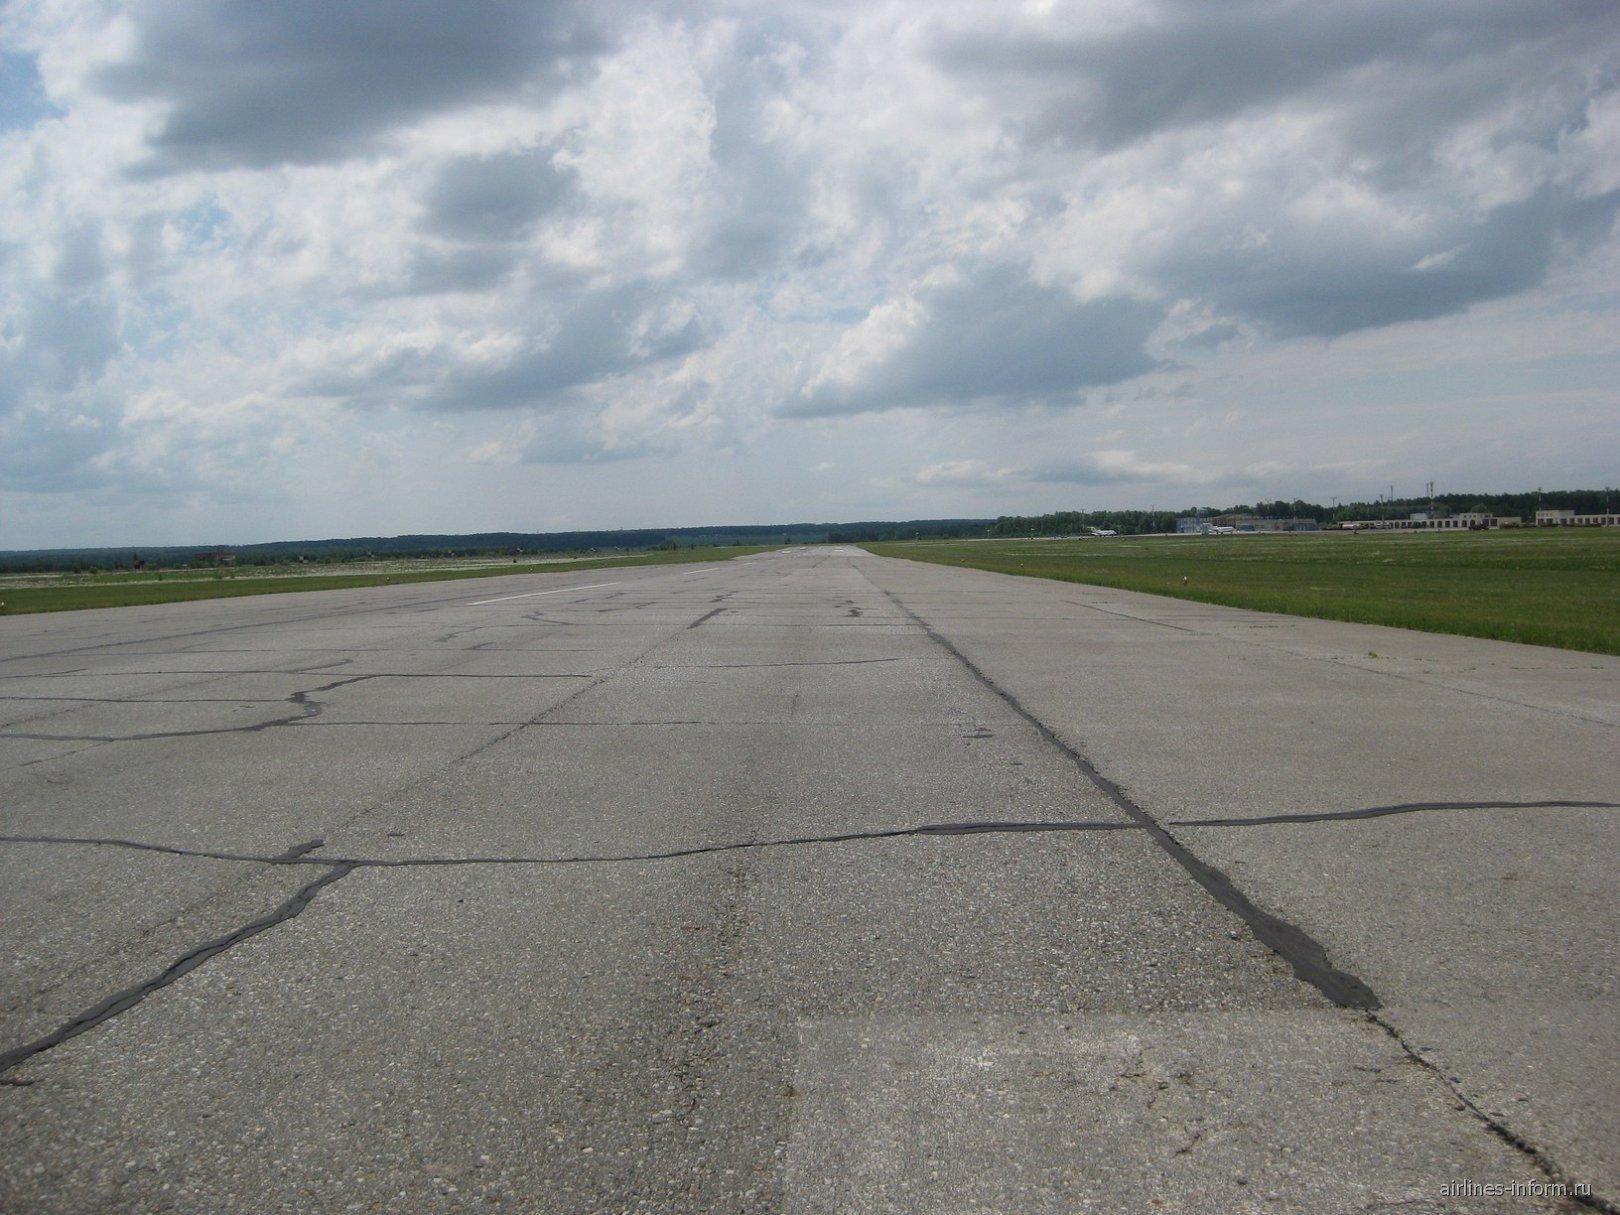 ВПП 19 аэропорта Бугульма